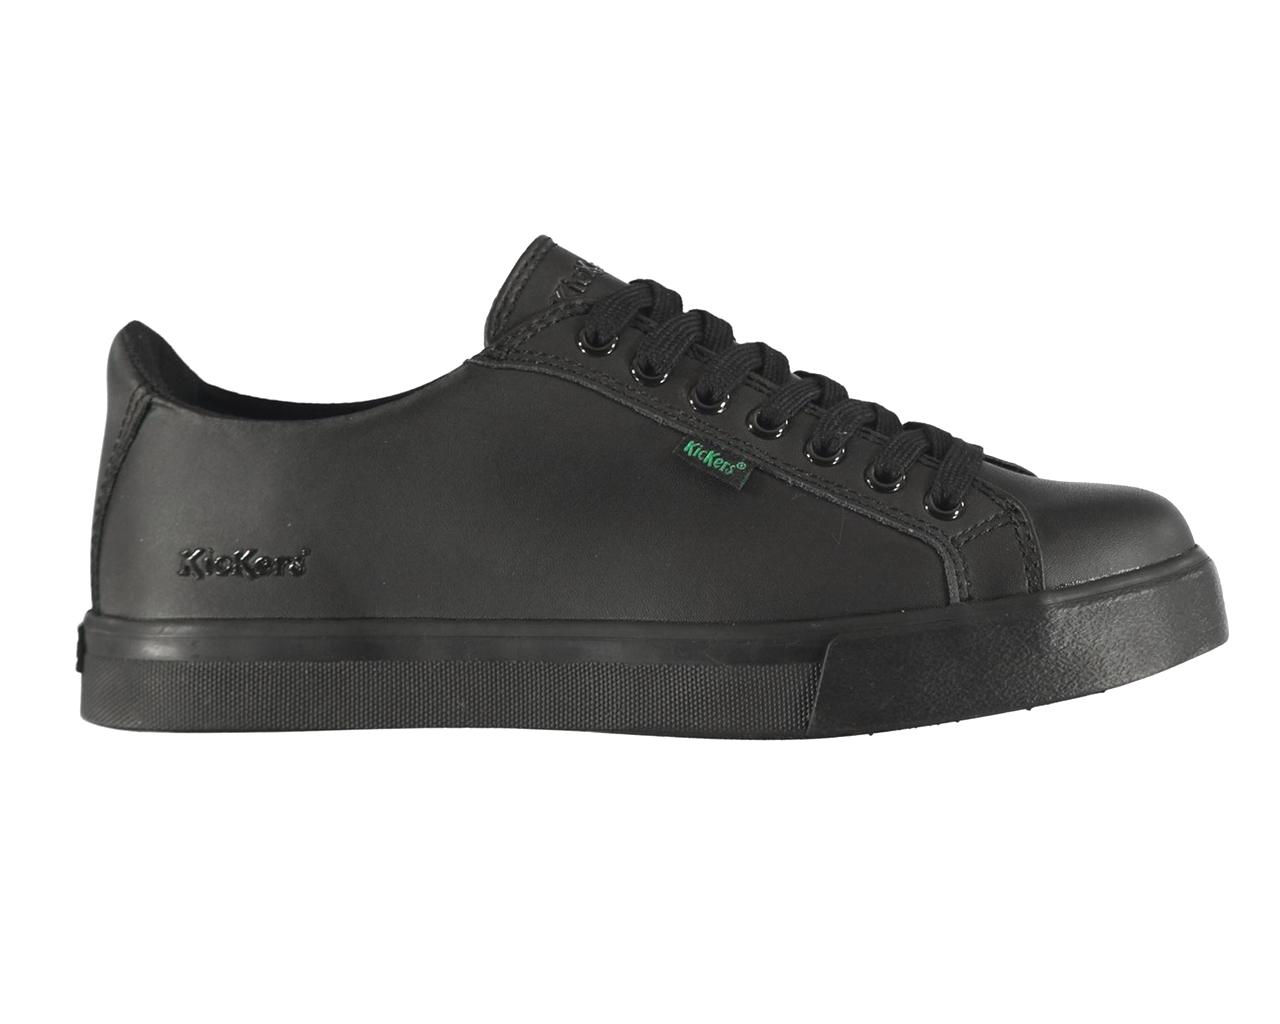 df0a910e Niños Kickers 114728 Tovni Lacer cuero encaje hasta zapatos de niñas  zapatos negro escuela